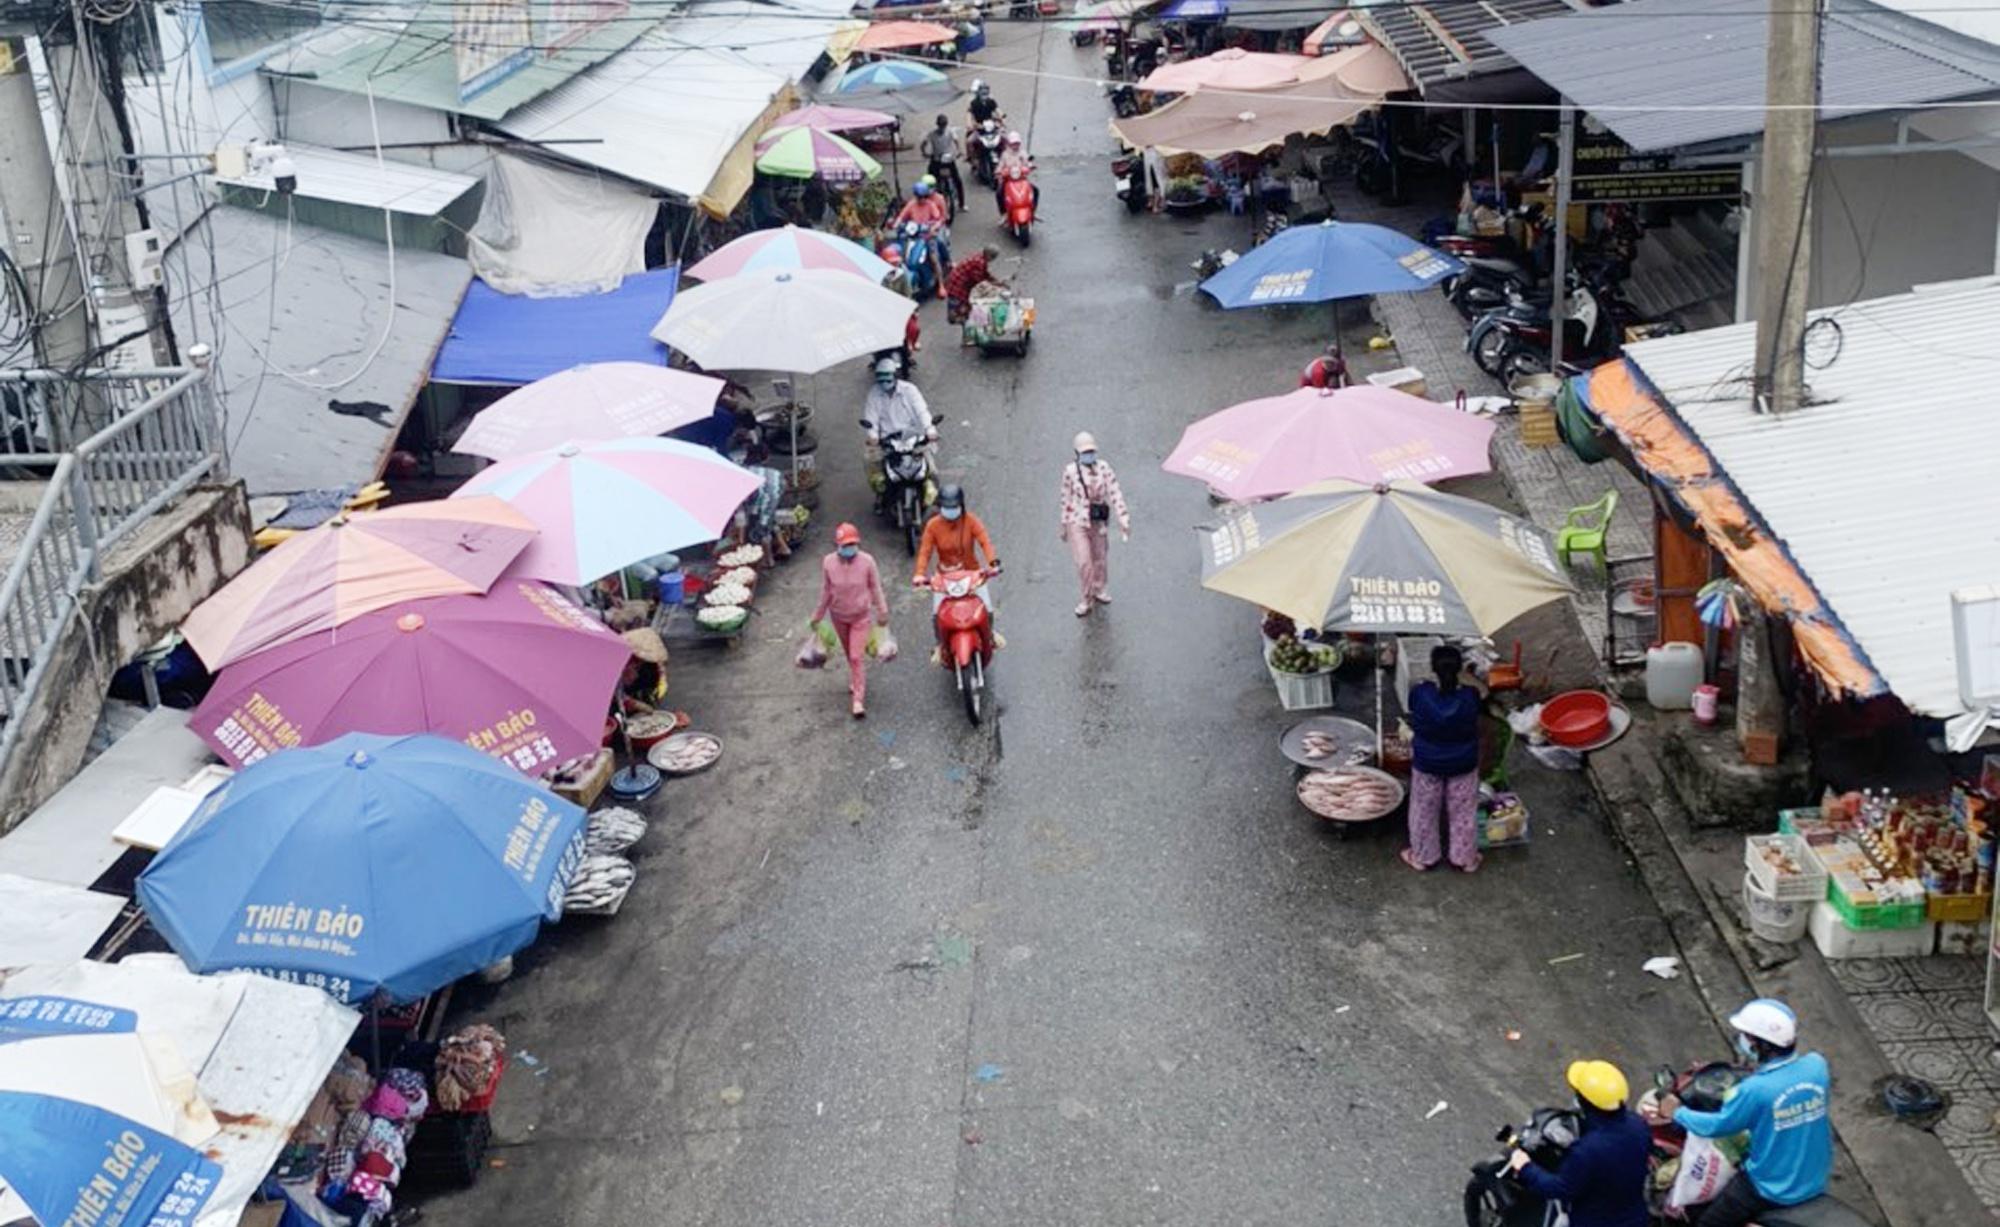 Nguoi dan thoi vao cho gom hang anh 1  - phu_quoc-2 - Người dân miền Tây đã ngưng vào chợ gom hàng